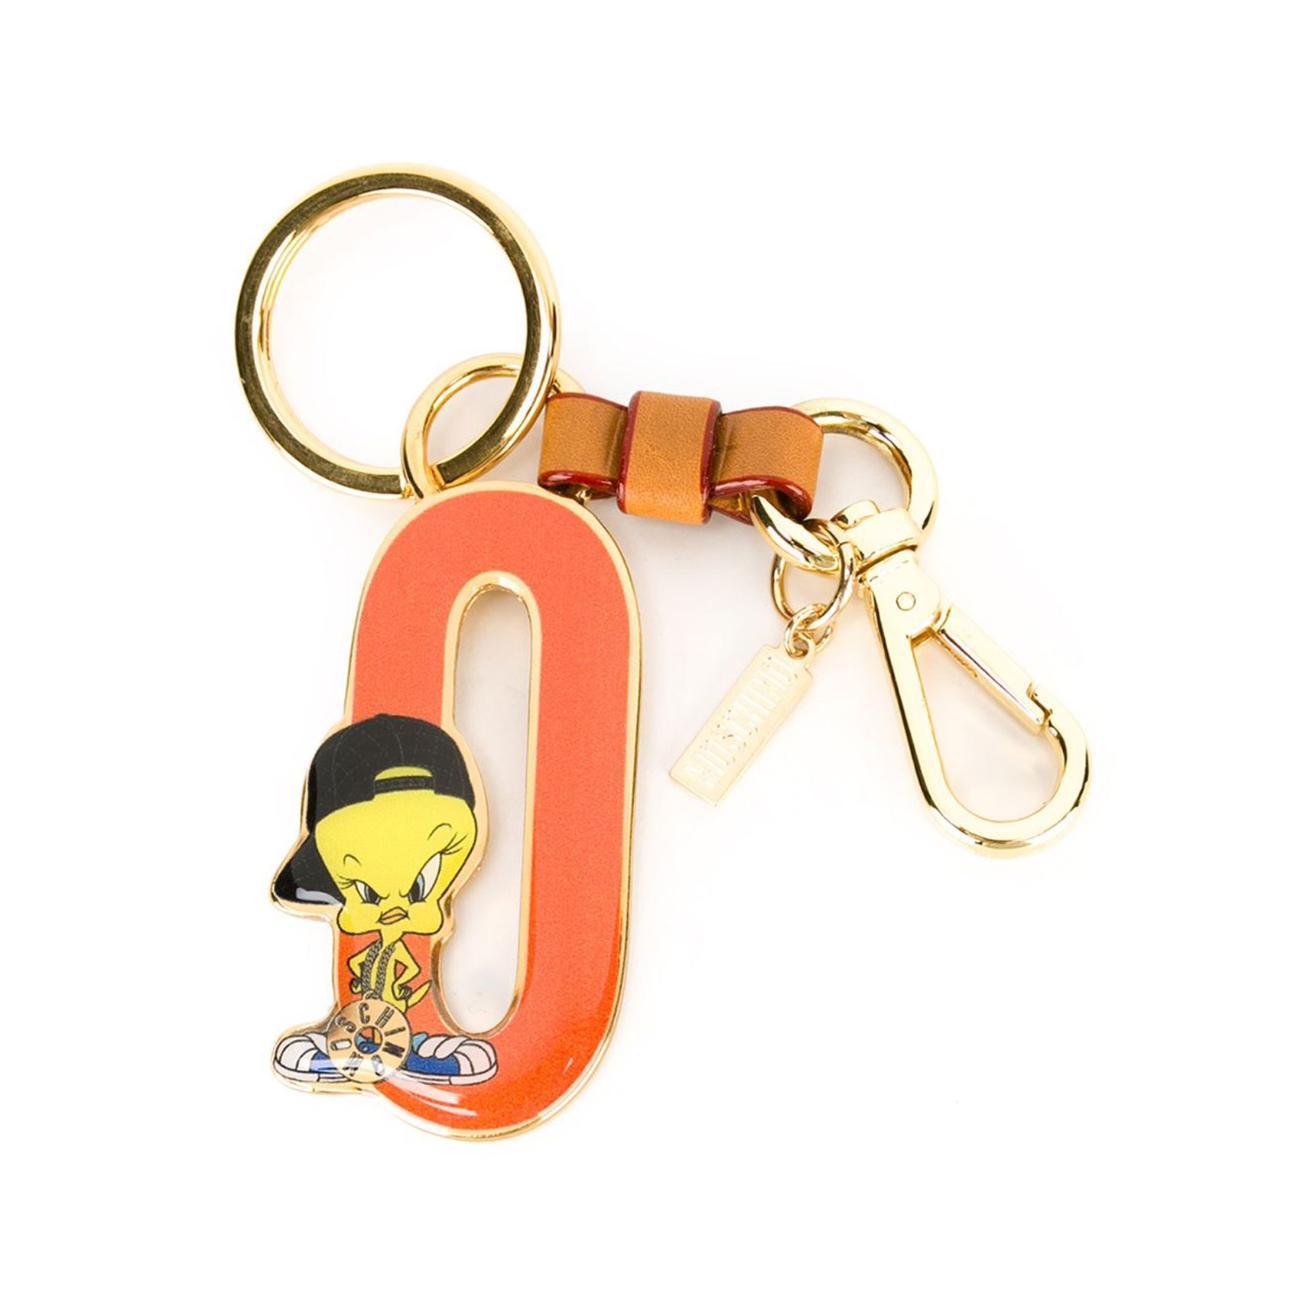 Porte-clés en cuir et métal, de Moschino